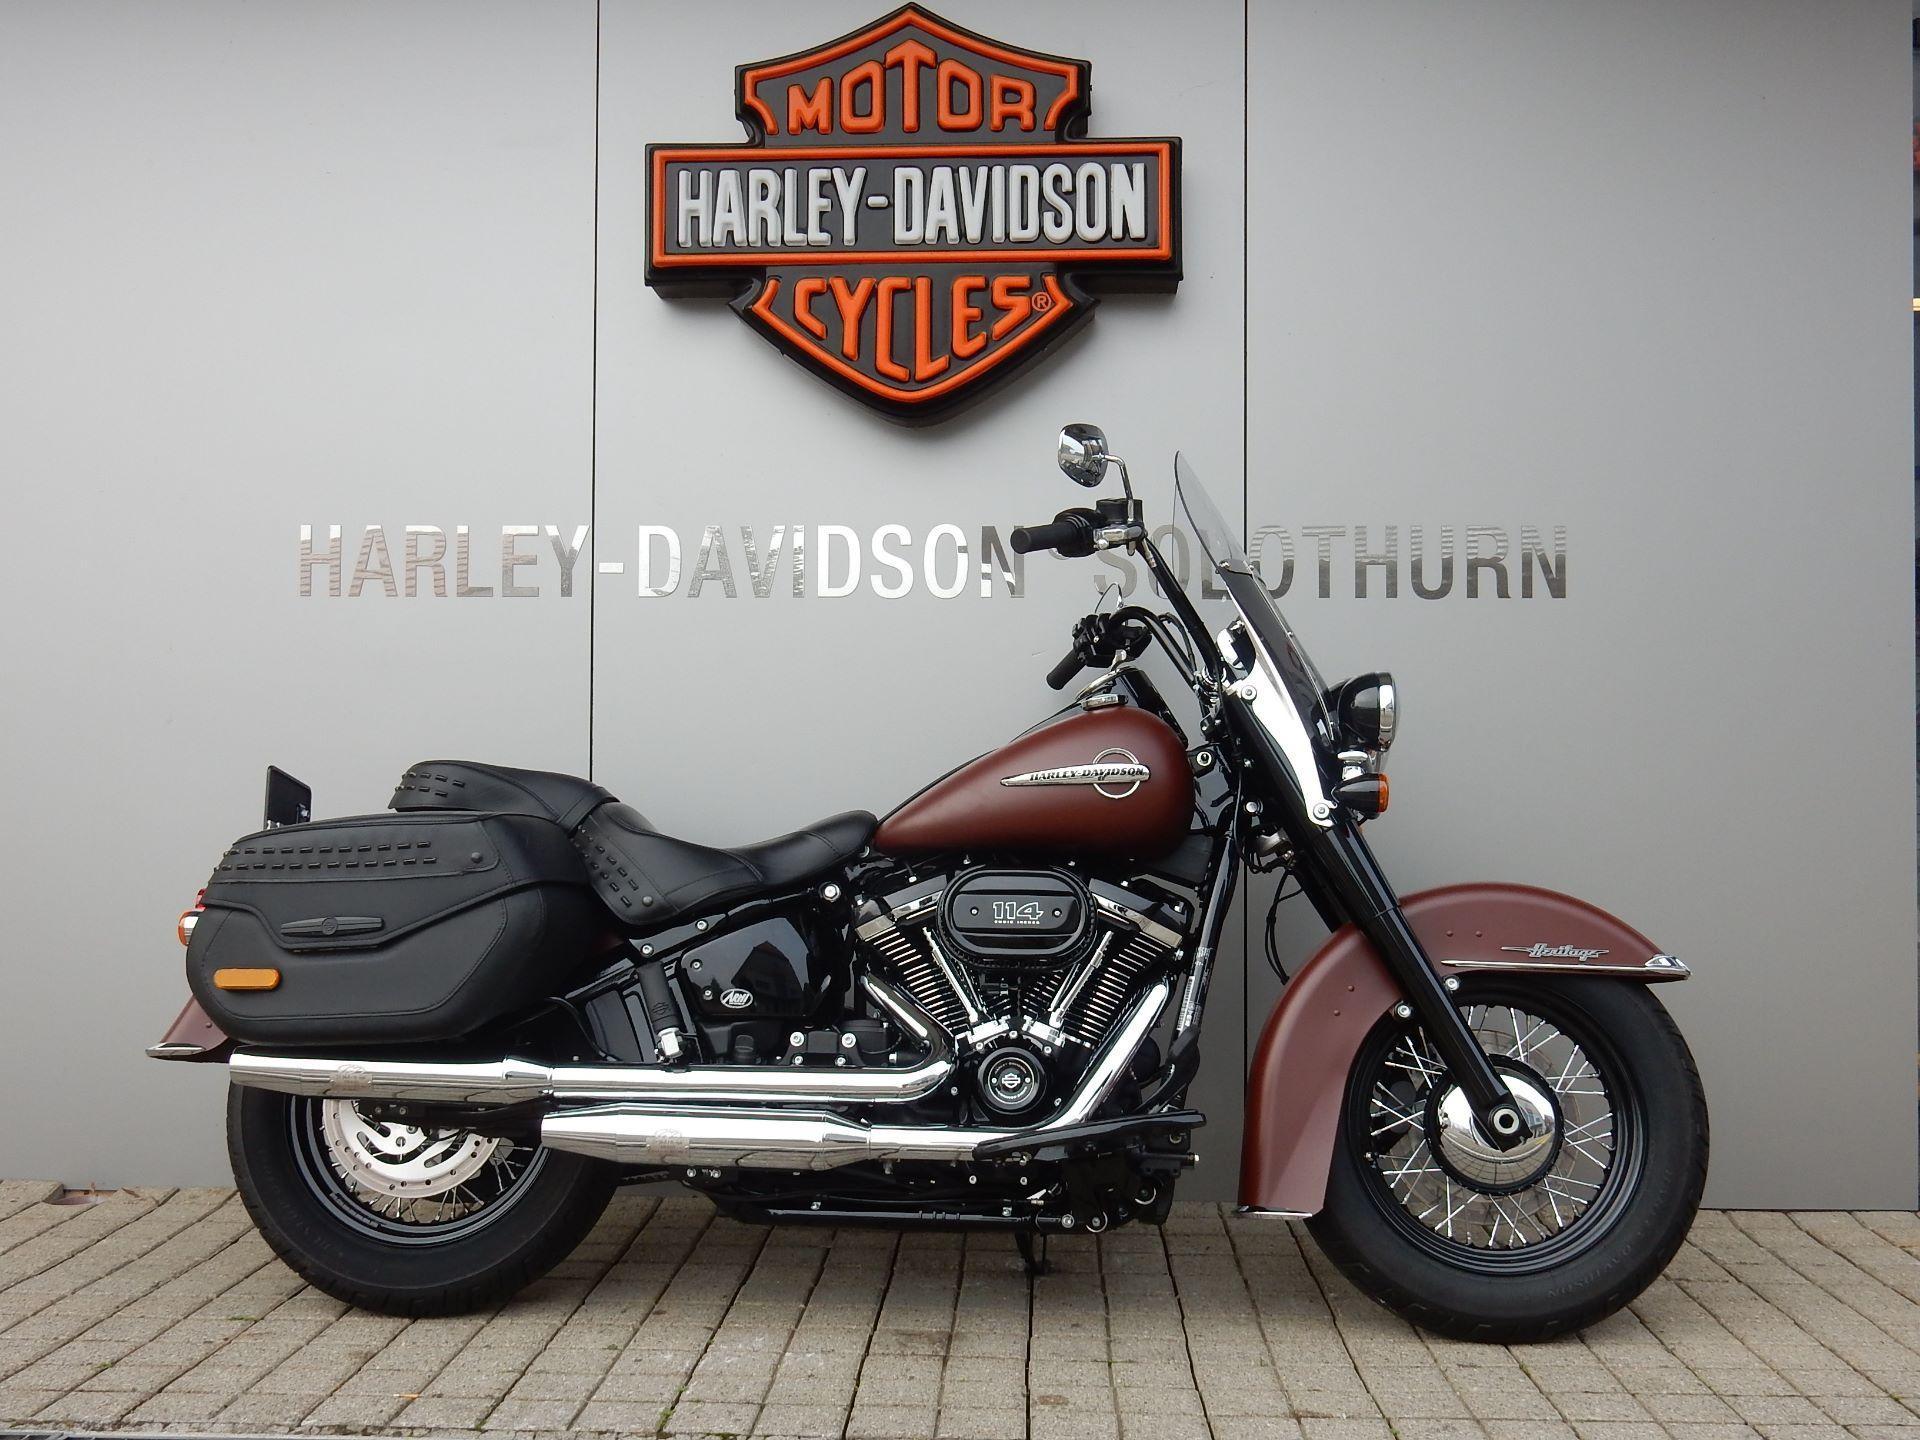 Motorrad Mieten & Roller Mieten HARLEY-DAVIDSON FLHCS 1868 Heritage Classic 114